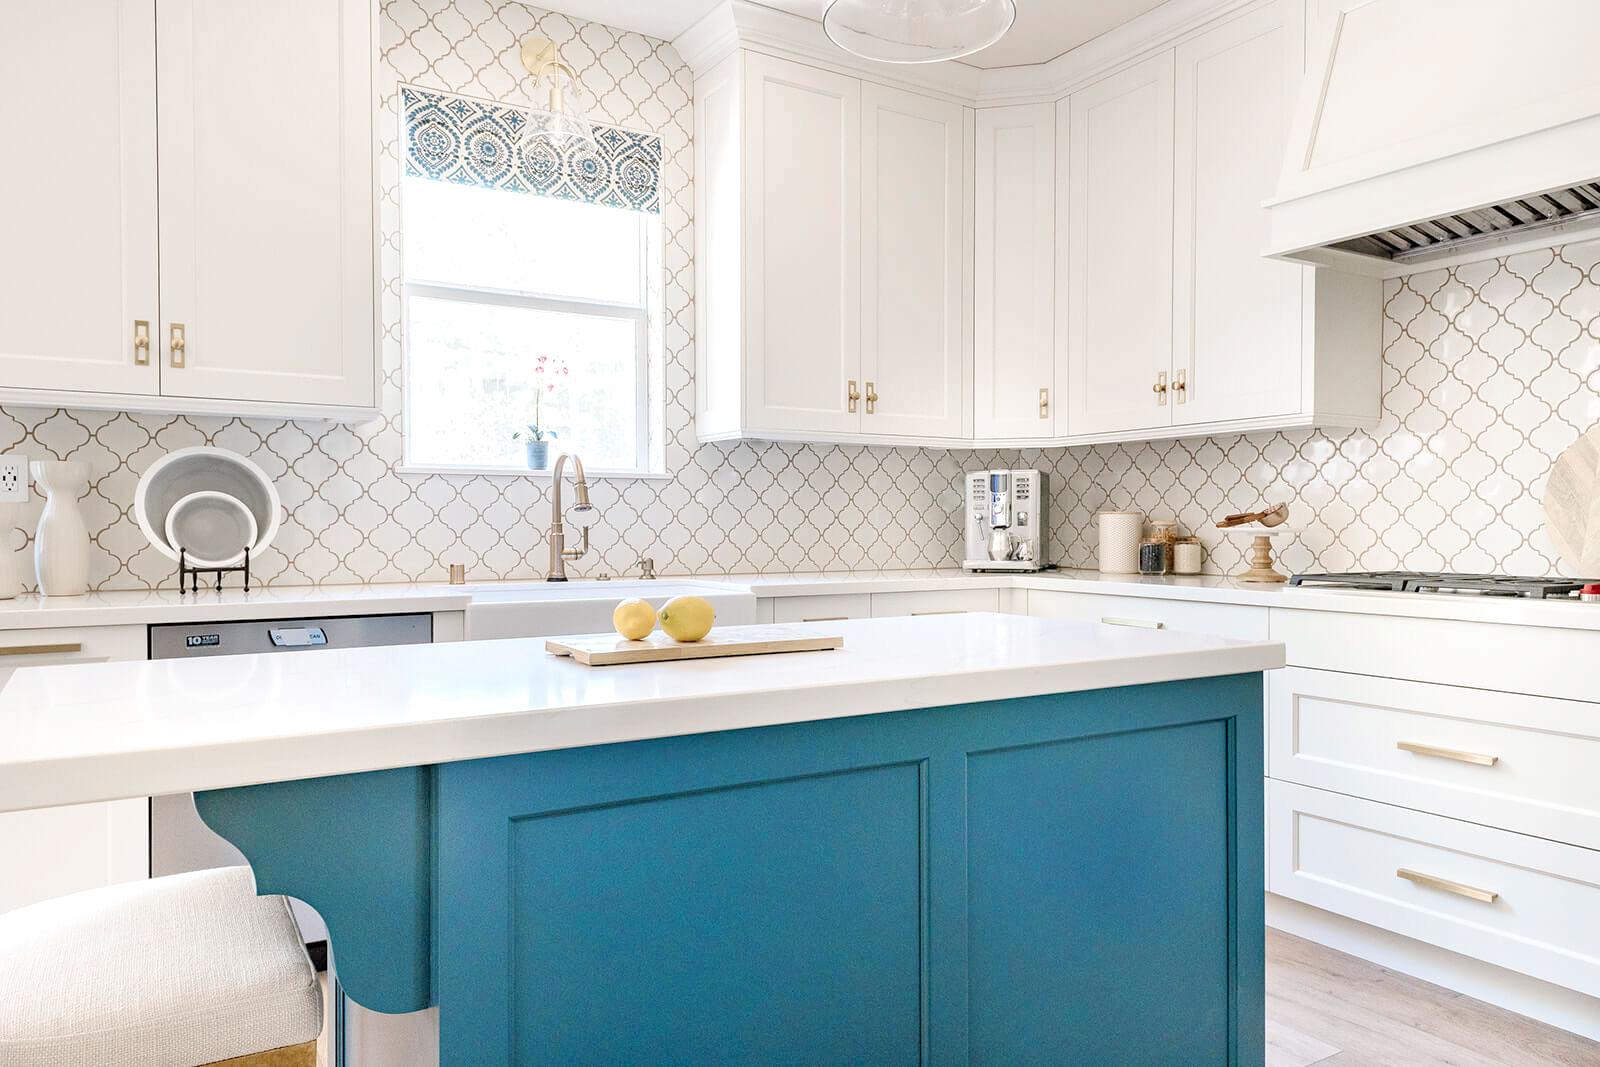 Transitional Kitchen Design, Blue island